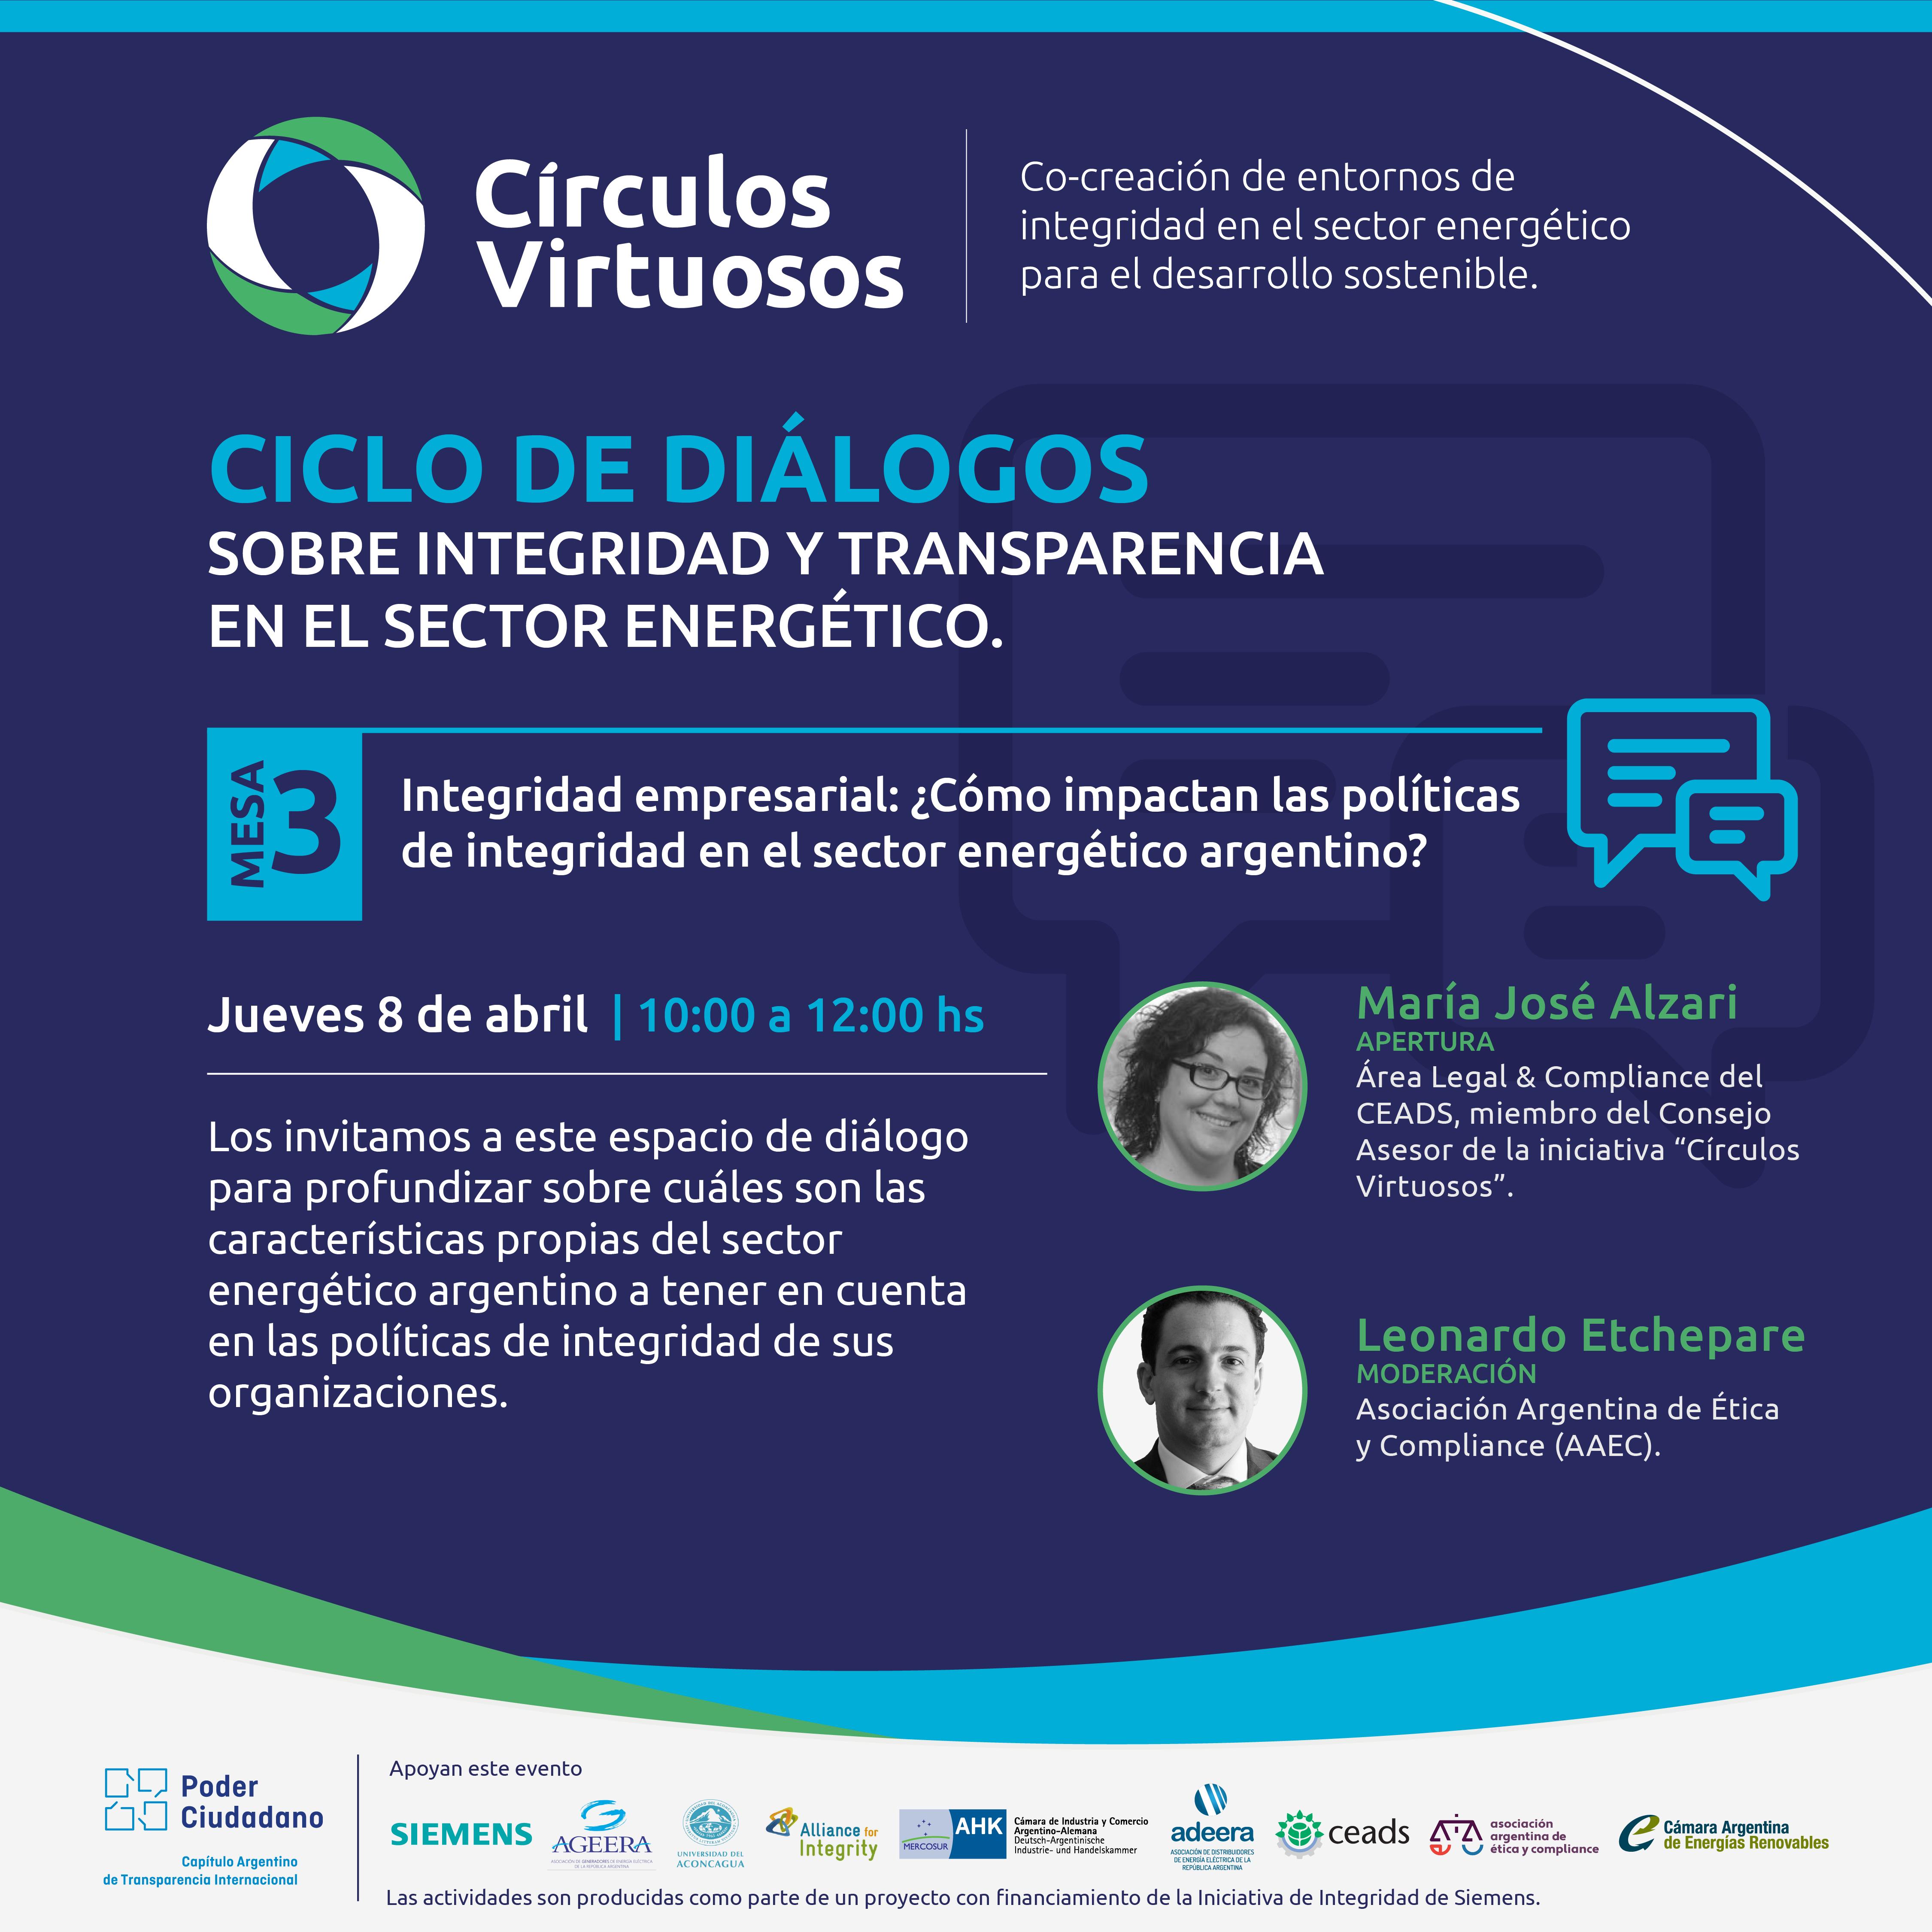 Ciclos de diálogo sobre integridad y transparencia en el sector energético